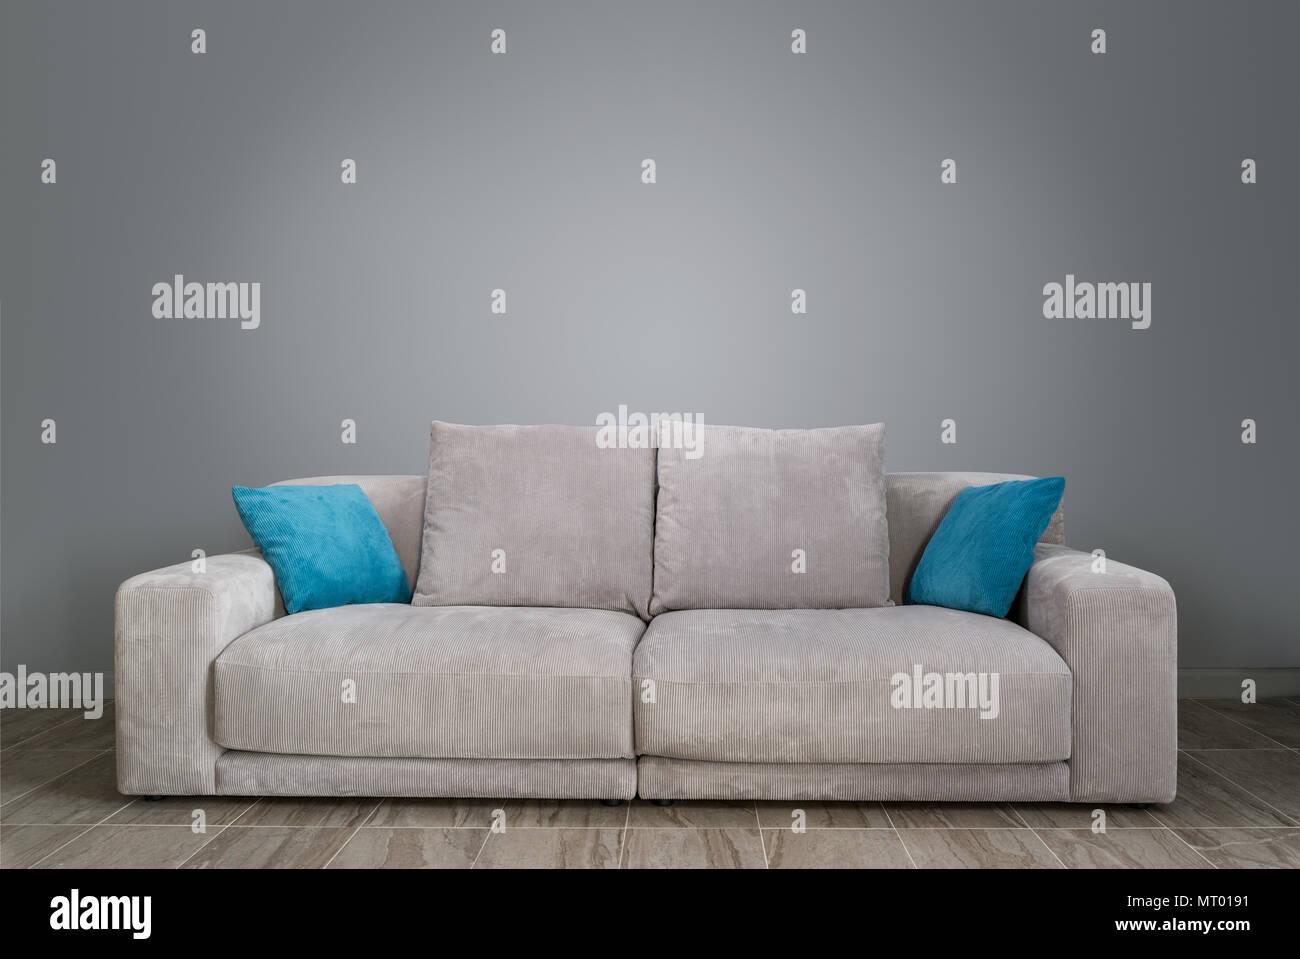 Grigio soggiorno con divano Immagini Stock